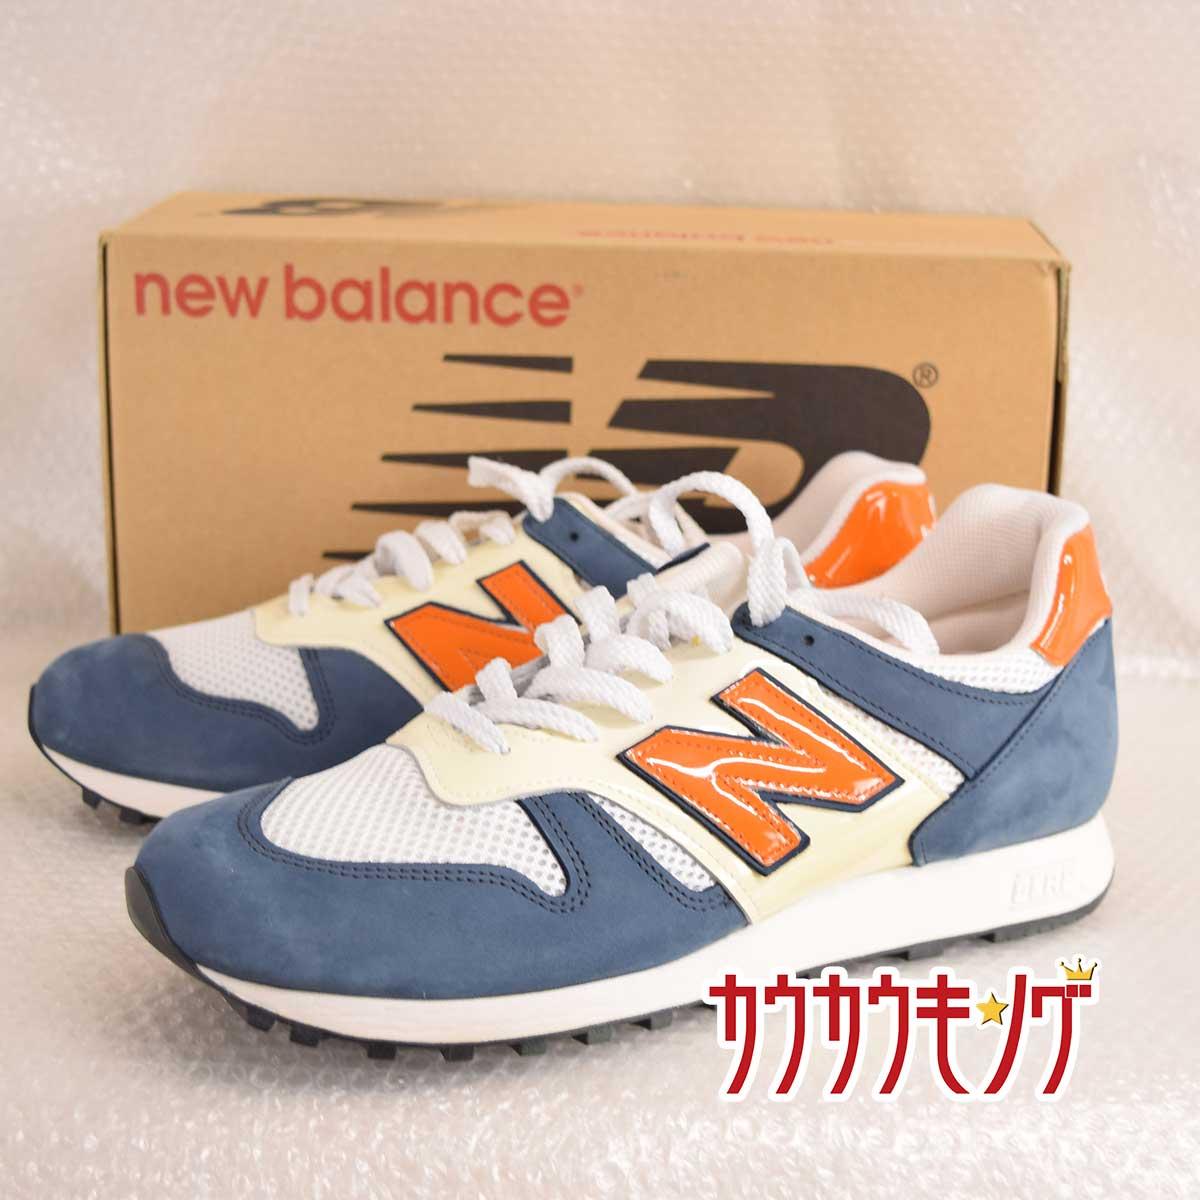 中古 ほぼ未履き Newbalance ニューバランス M860 WNO スウェード セール品 祝日 ホワイト レザー ネイビー オレンジ サイズ28.0cm イングランド製